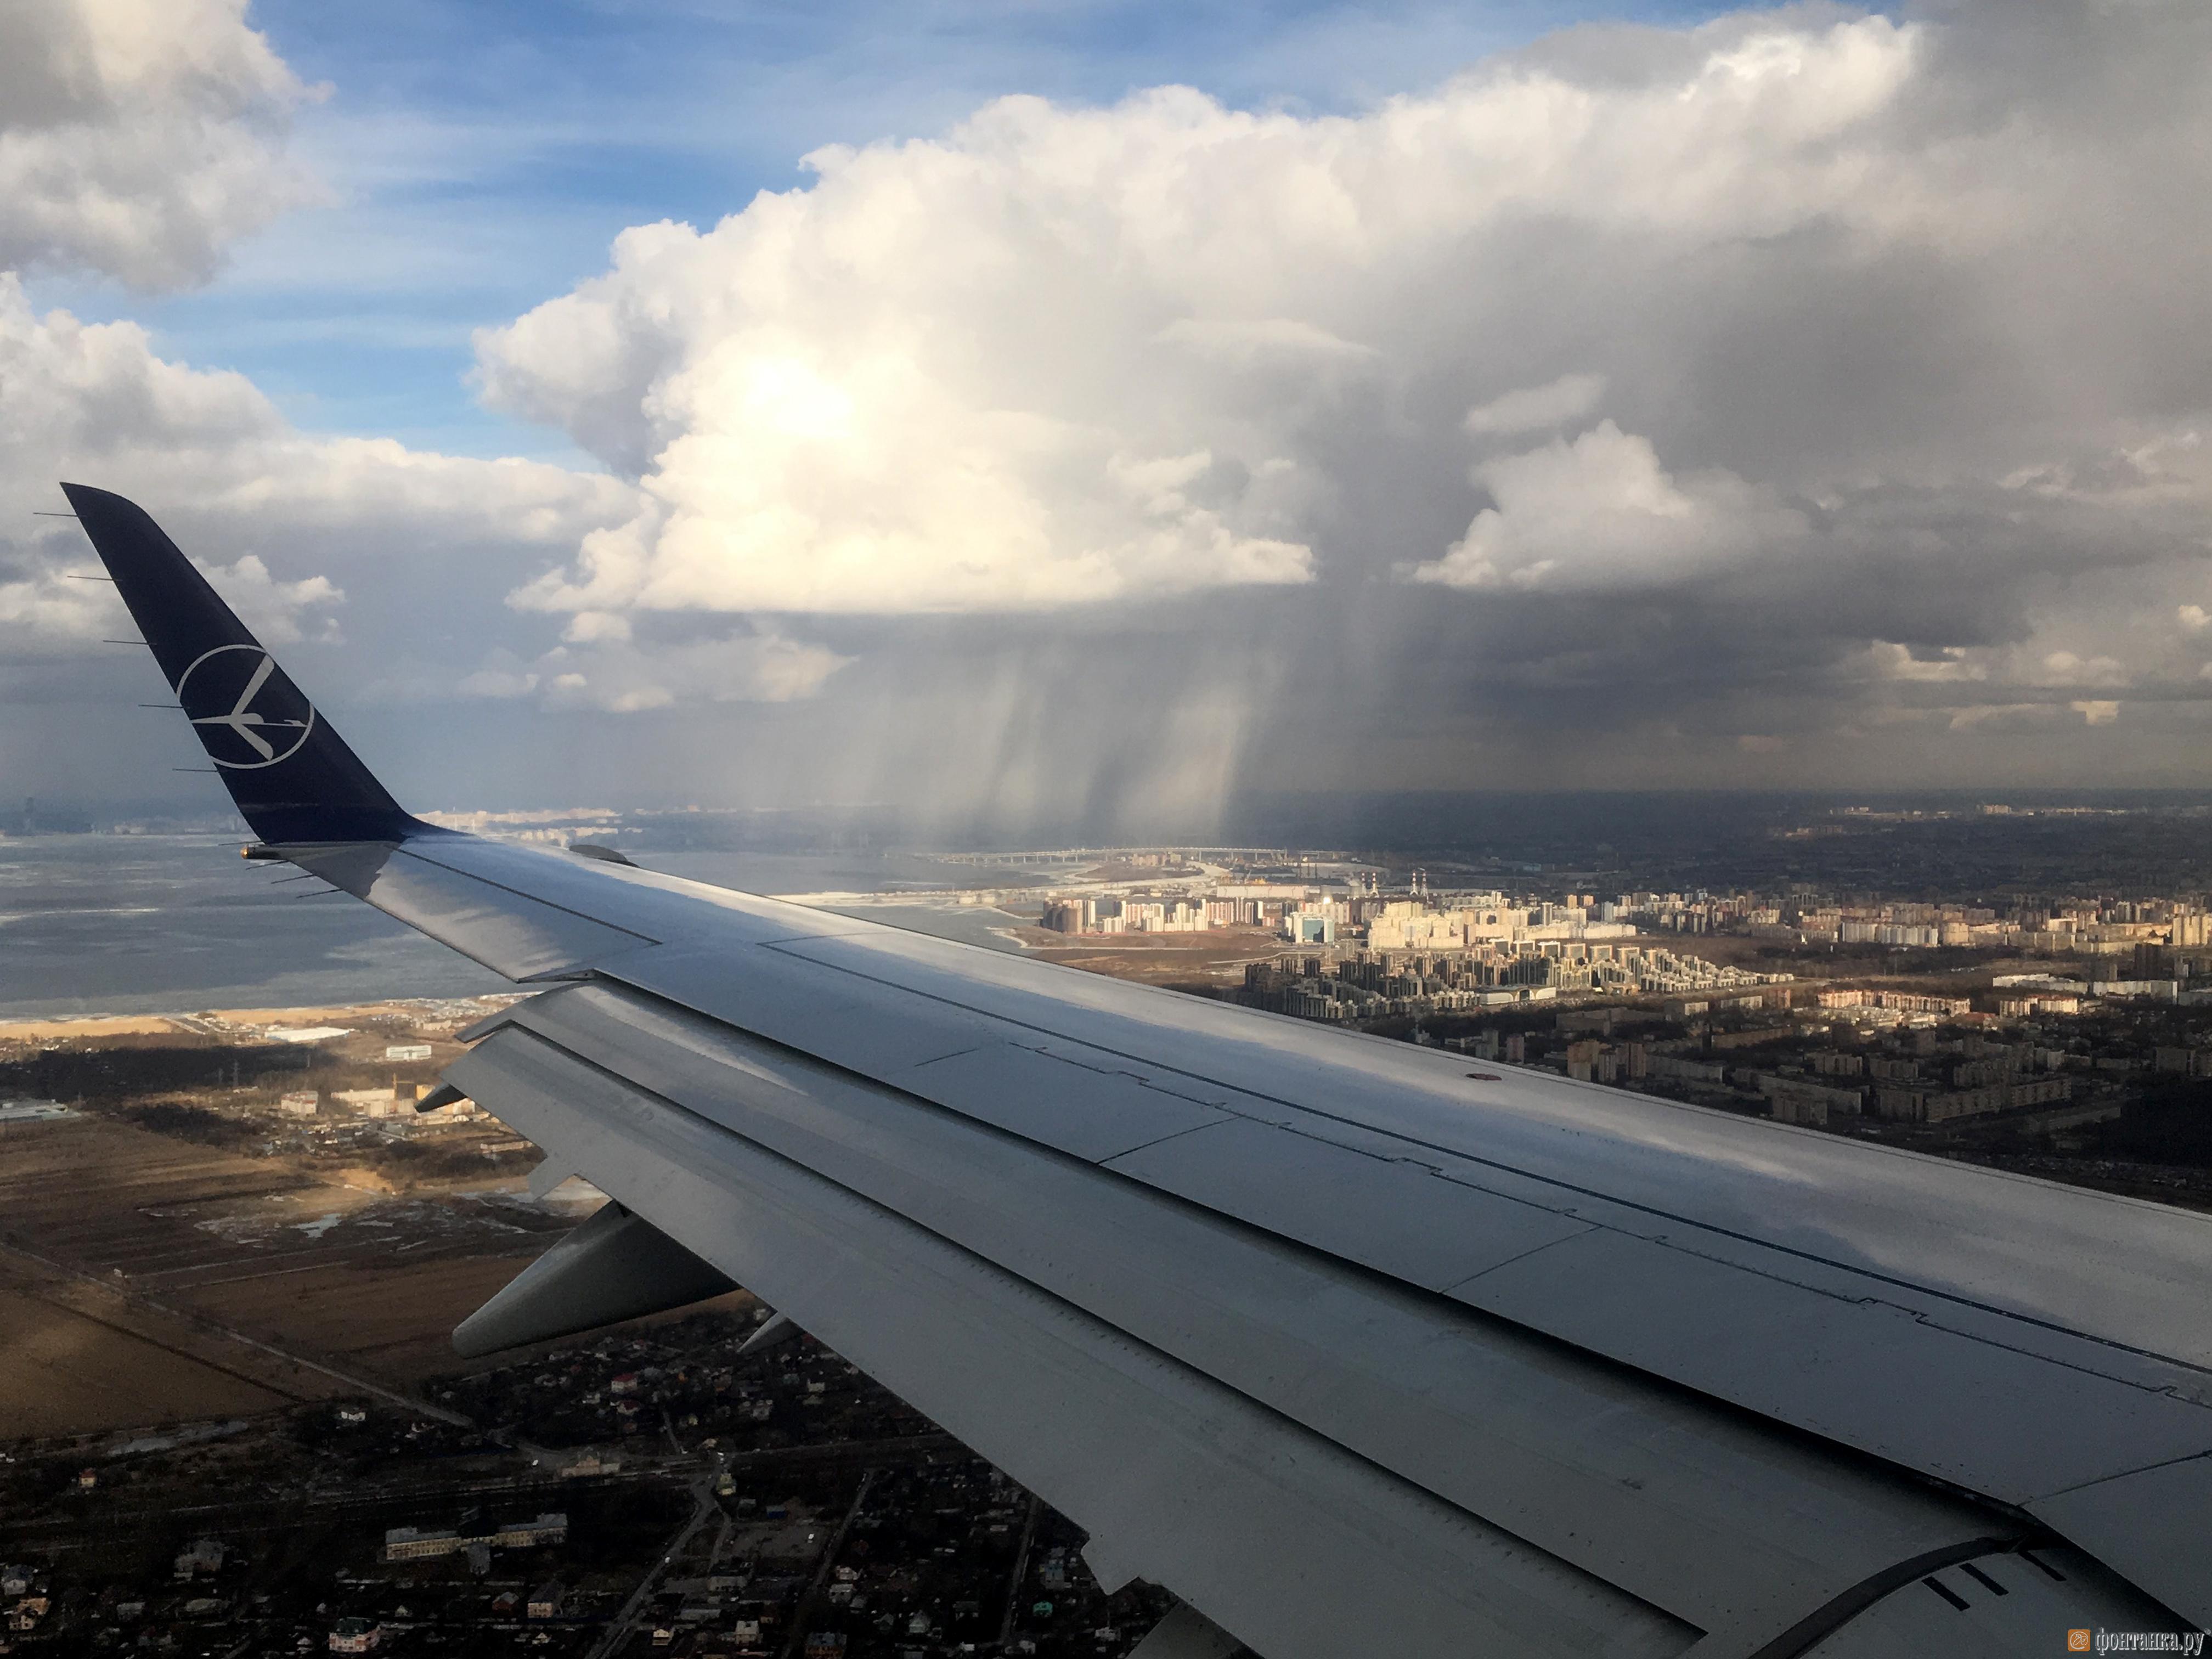 Погода разделила небо над Петербургом на темную и светлую сторону (Иллюстрация 3 из 3) (Фото: Максим Кияев)